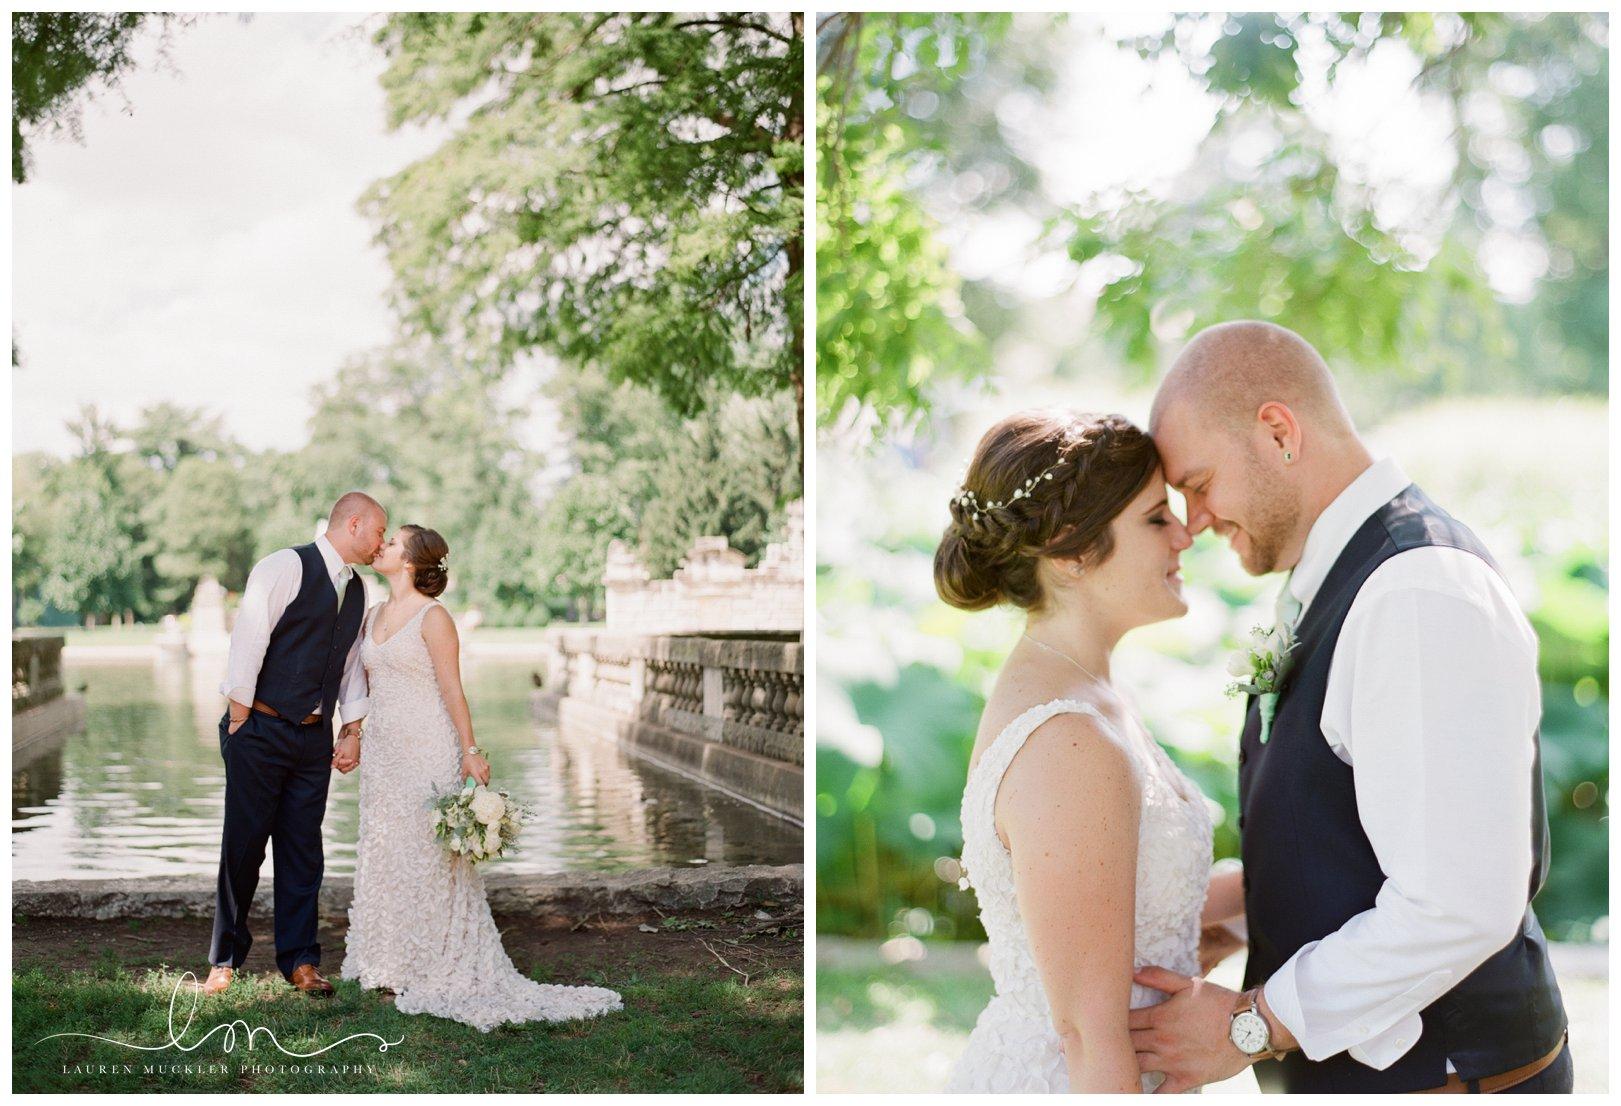 lauren muckler photography_fine art film wedding photography_st louis_photography_0556.jpg